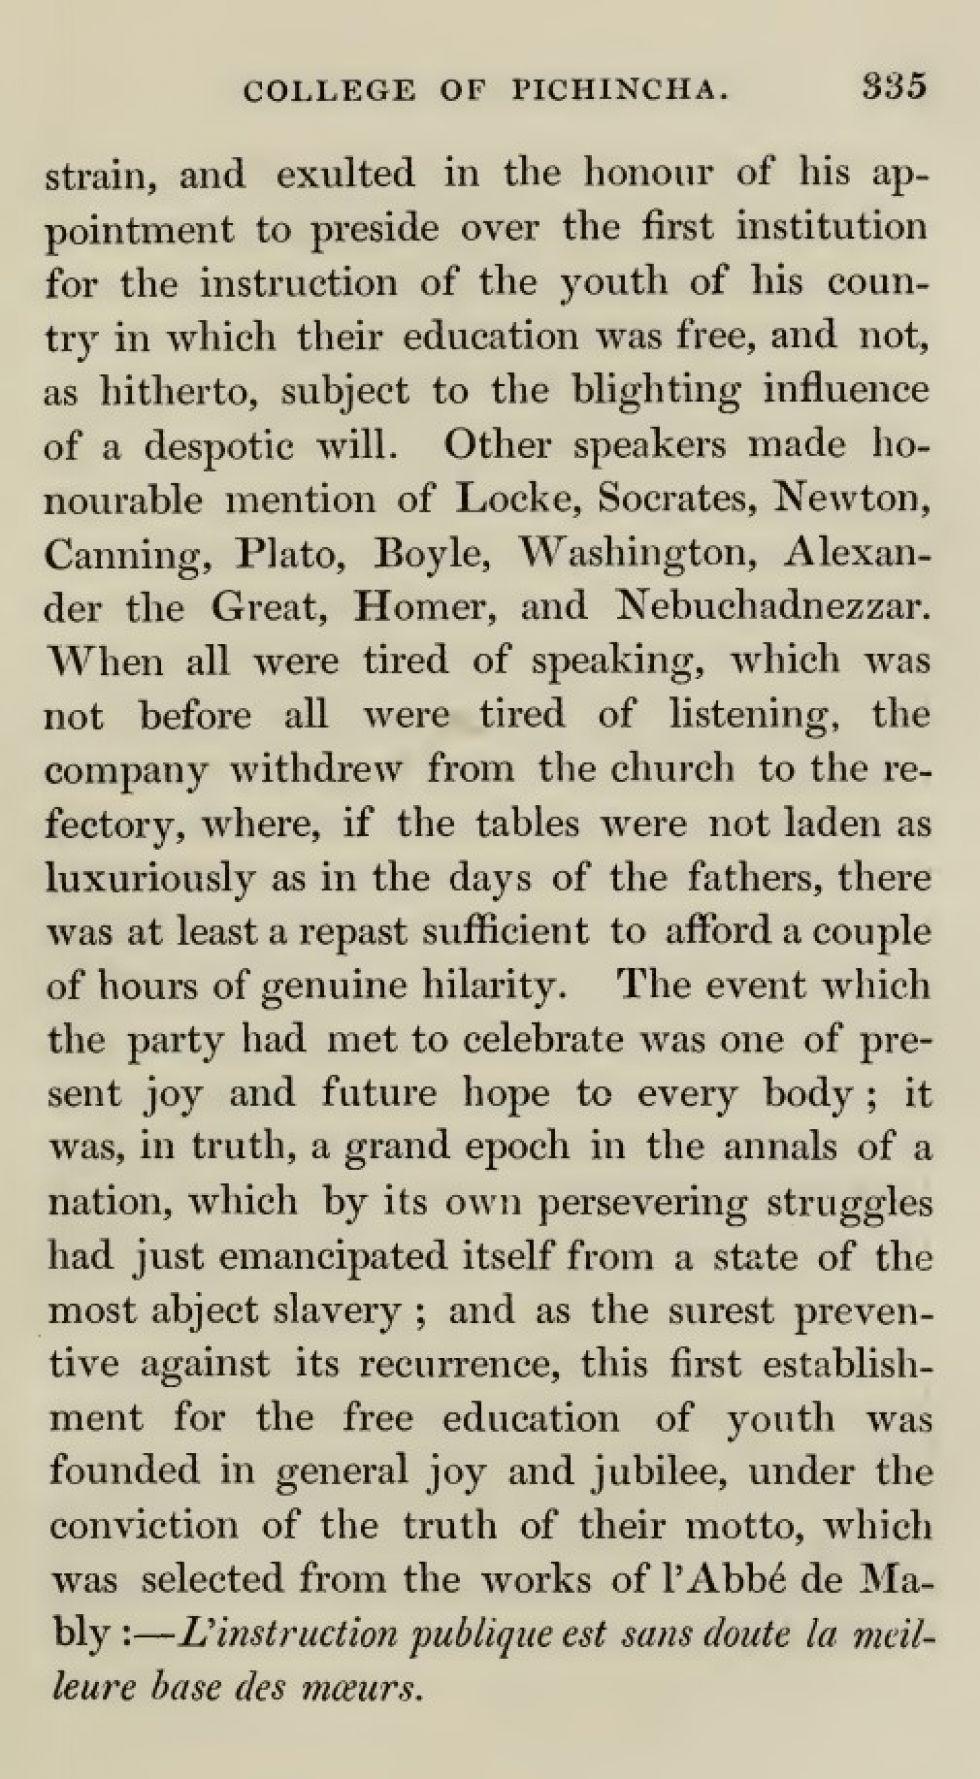 El relato de Temple sobre la inauguración del Pichincha.